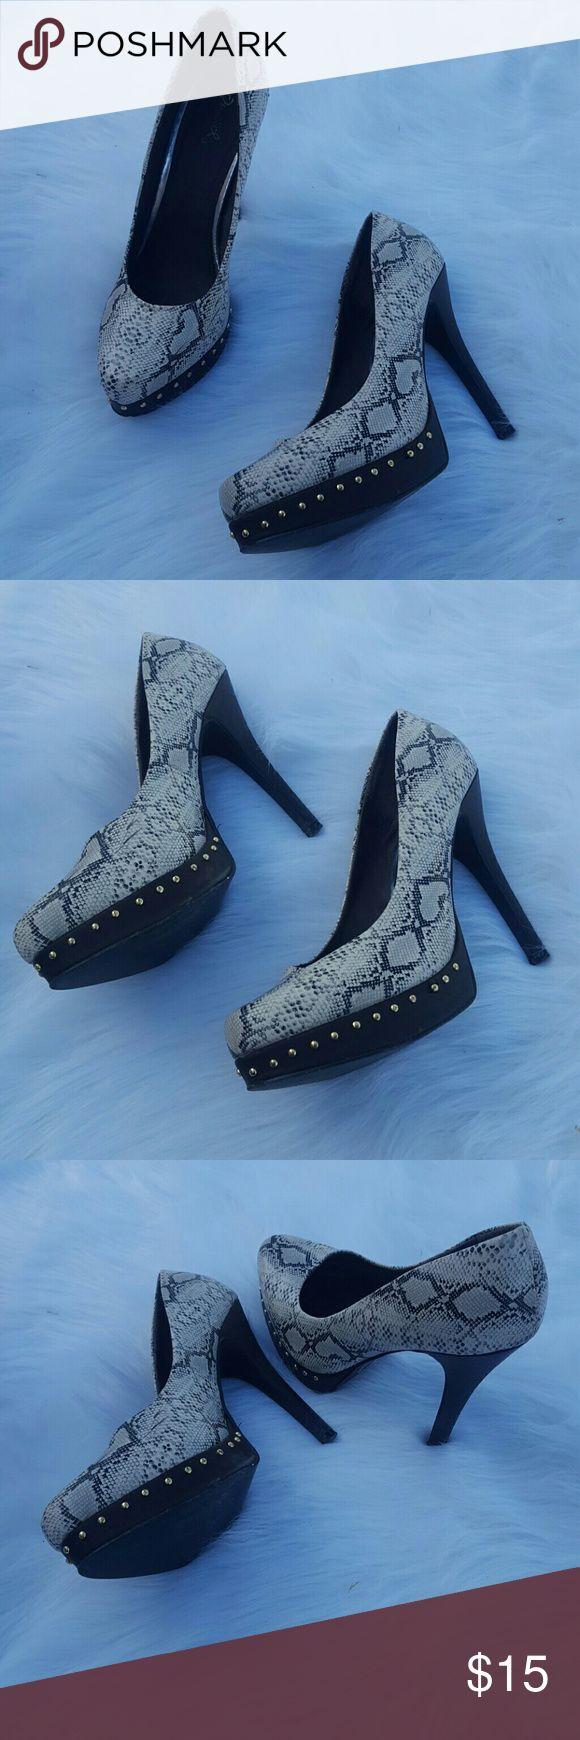 Bone and black snakeskin platform heels Phone and black snake skin colored popcorn Hills Shoes Heels